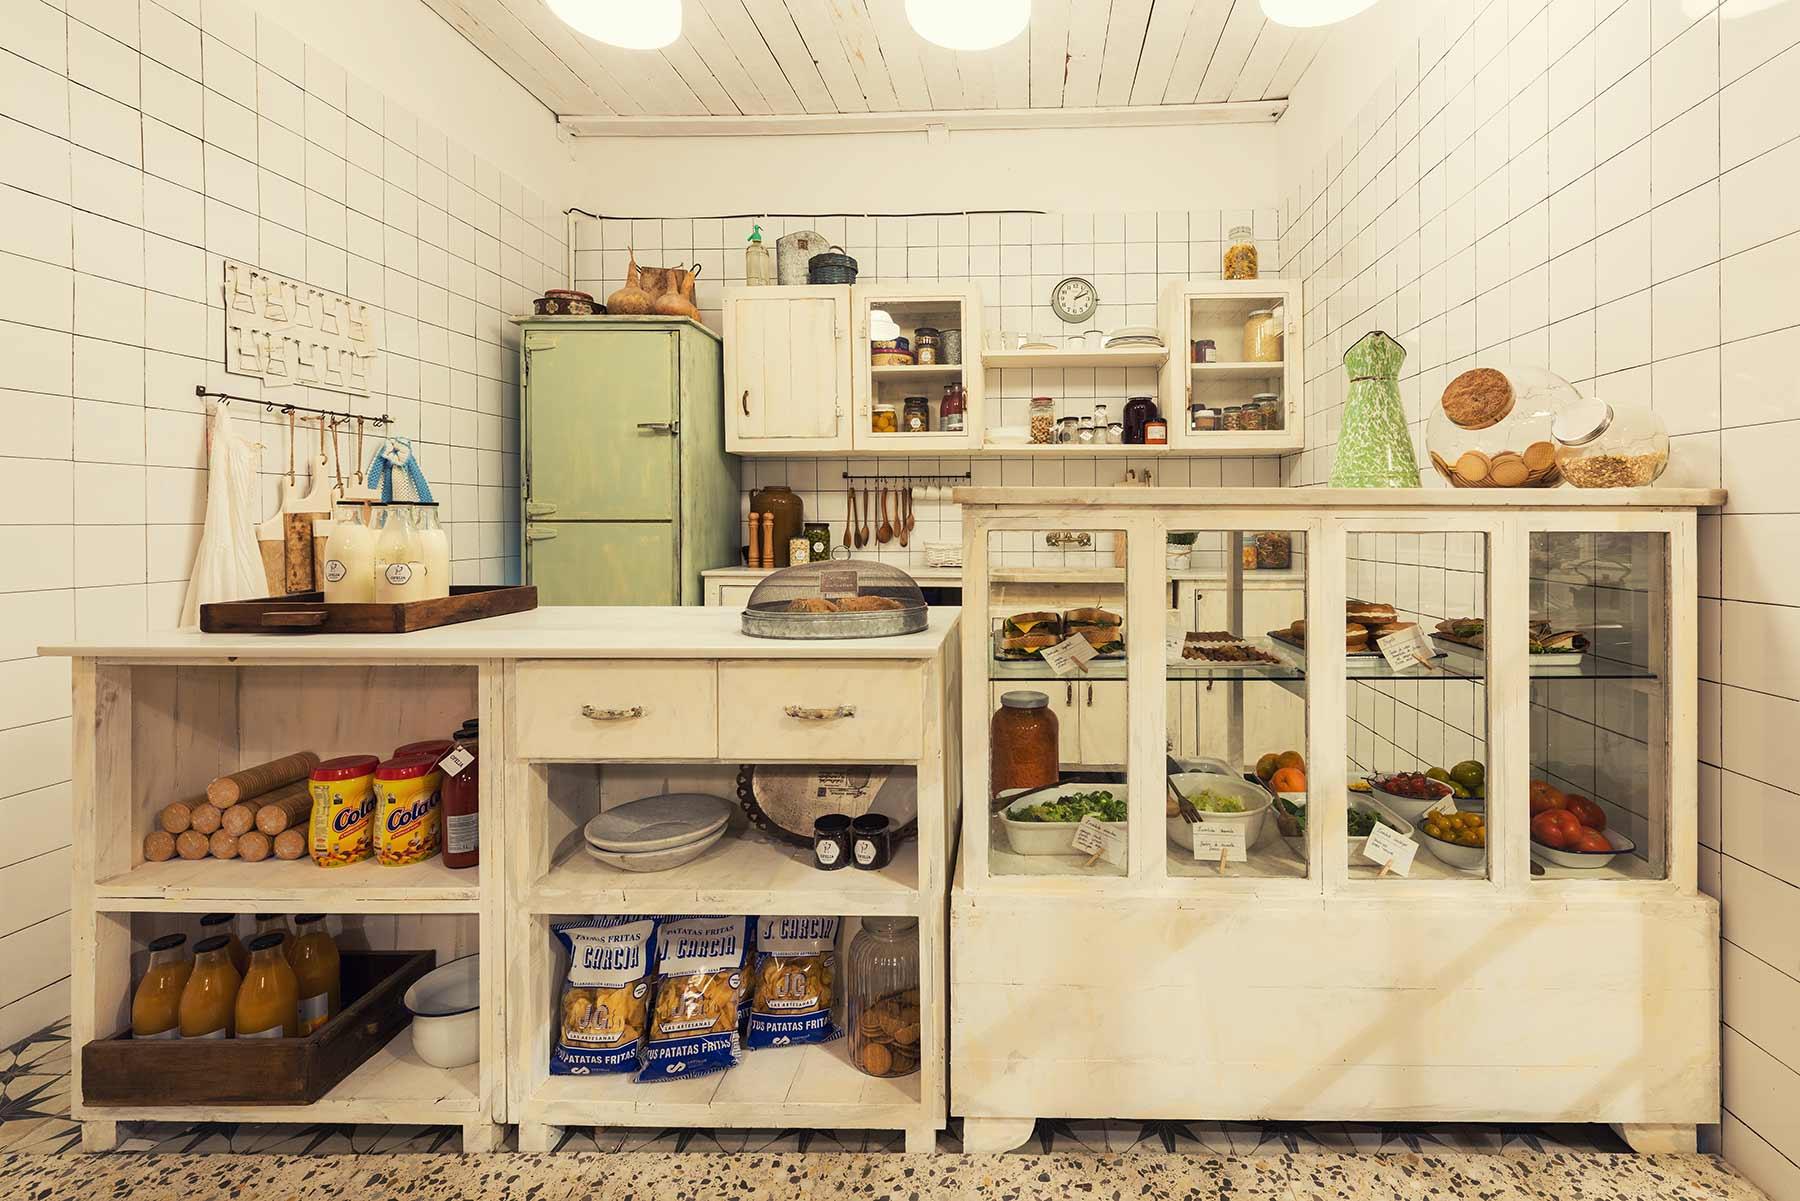 Ofelia decoraci n y plan de negocios para cafeterias - Disenos de cafeterias ...